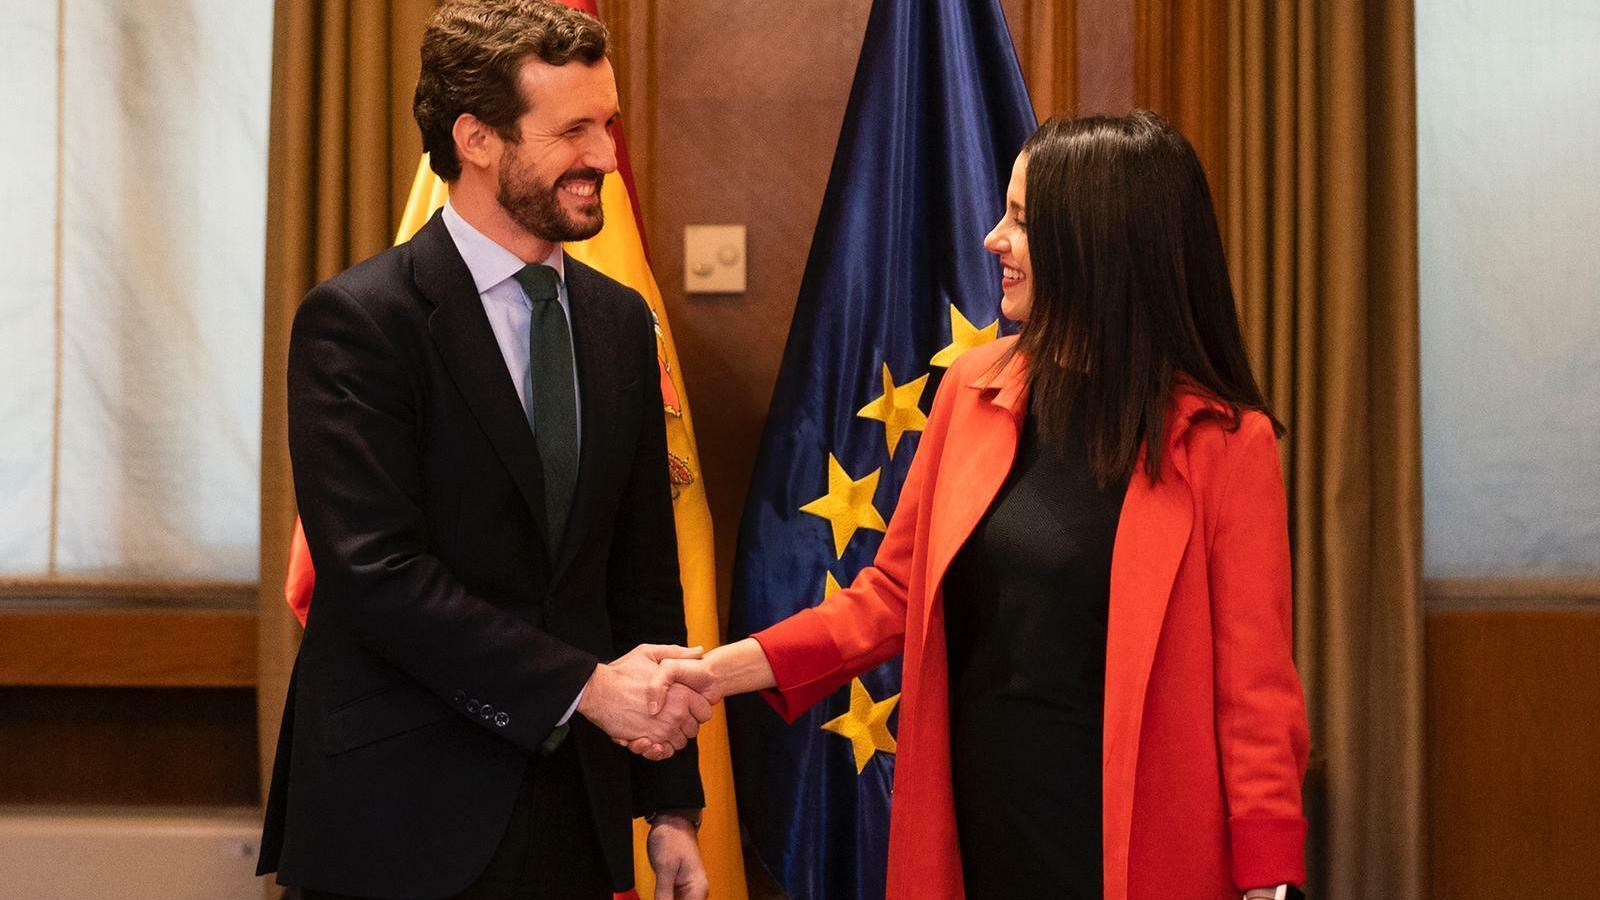 El líder del PP, Pablo Casado, i la portaveu de Cs al Congrés, Inés Arrimadas, en una reunió a la cambra baixa